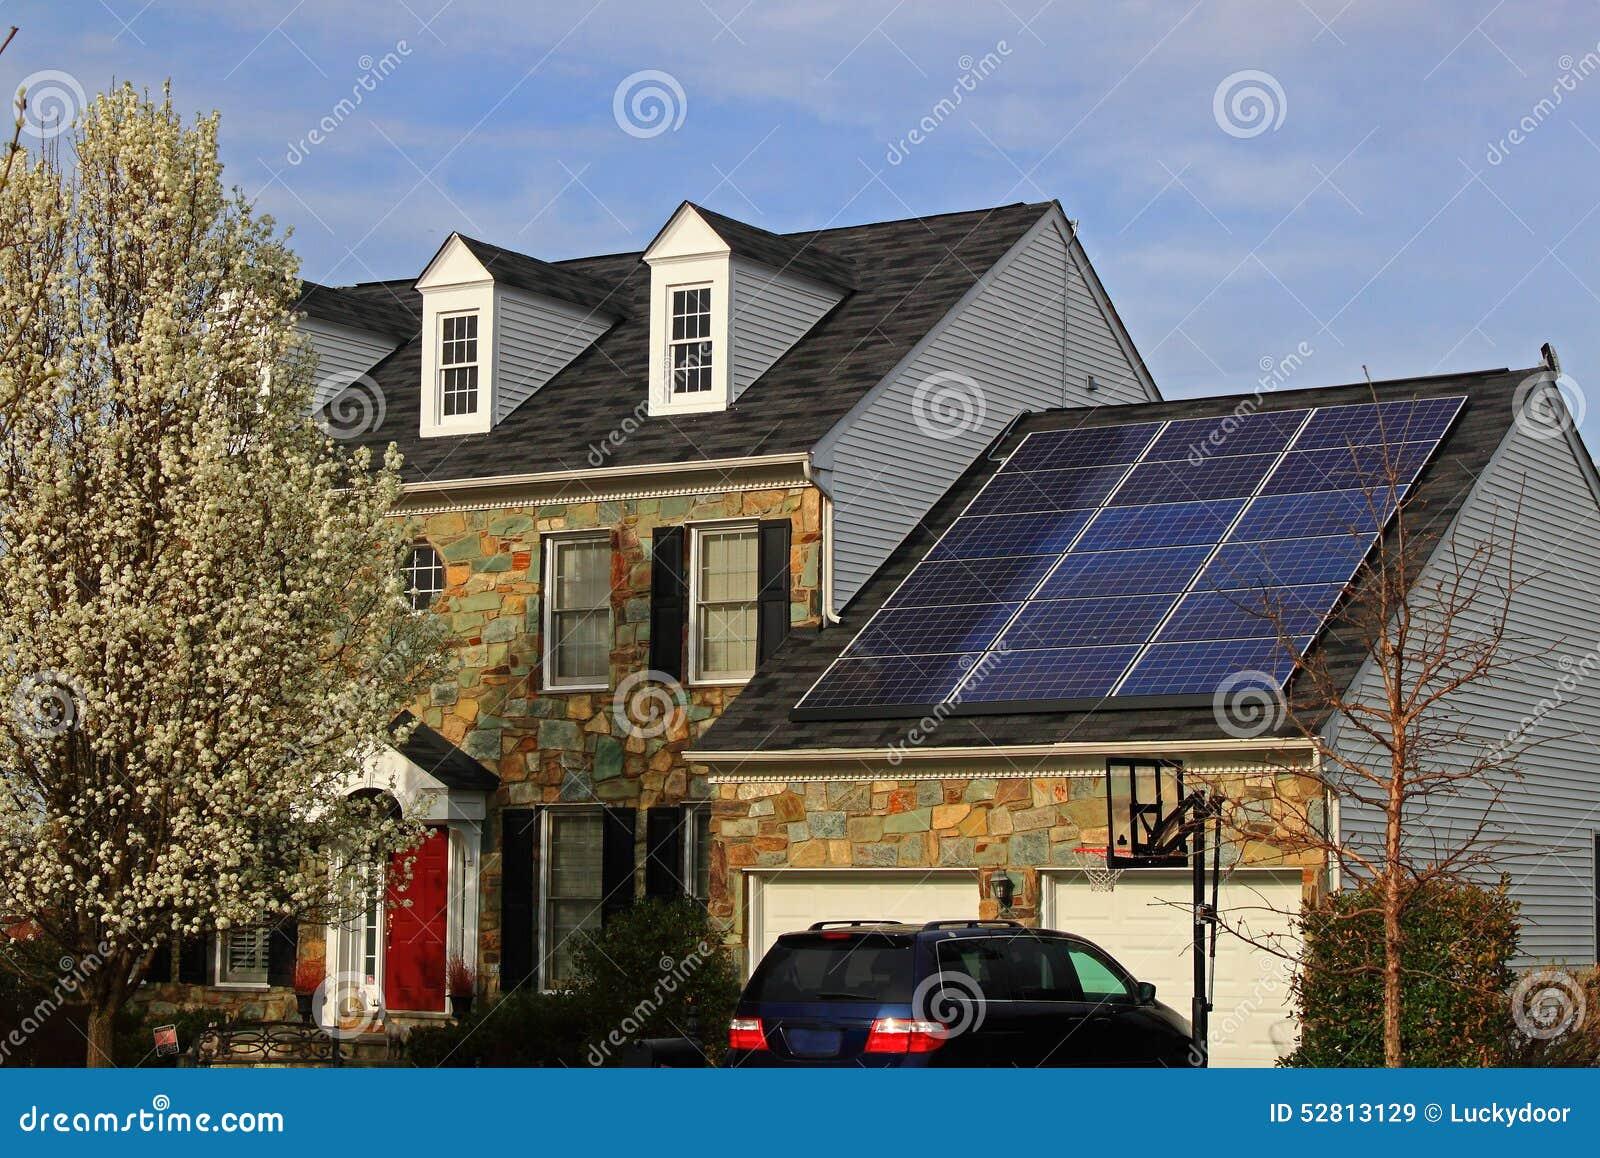 εναλλακτική αρχιτεκτονικής έννοιας προστασία εικόνας σπιτιών ενεργειακού περιβάλλοντος πράσινη που σώζει τα ηλιακά θέματα